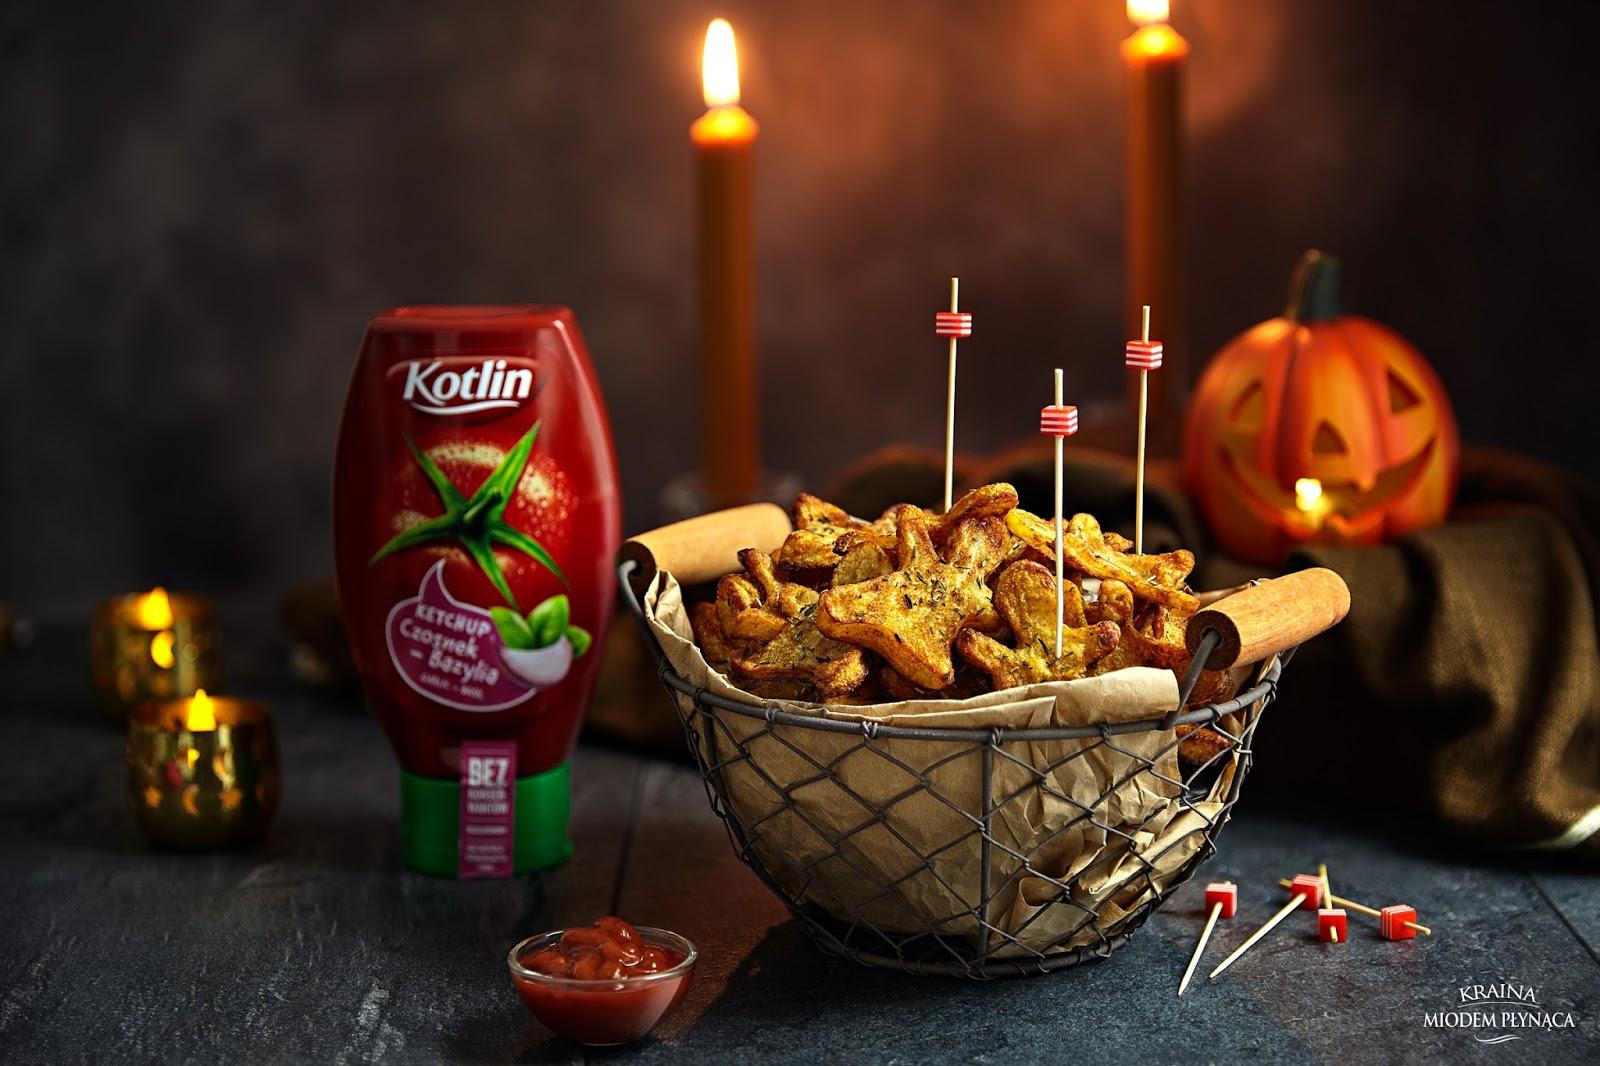 pieczone ziemniaki, ziołowe pieczone ziemniaki, ziemniaki z piekarnika, ketchup kotlin, przekąska na halloween, przekąska na imprezę, fotografia kulinarna, kraina miodem płynąca